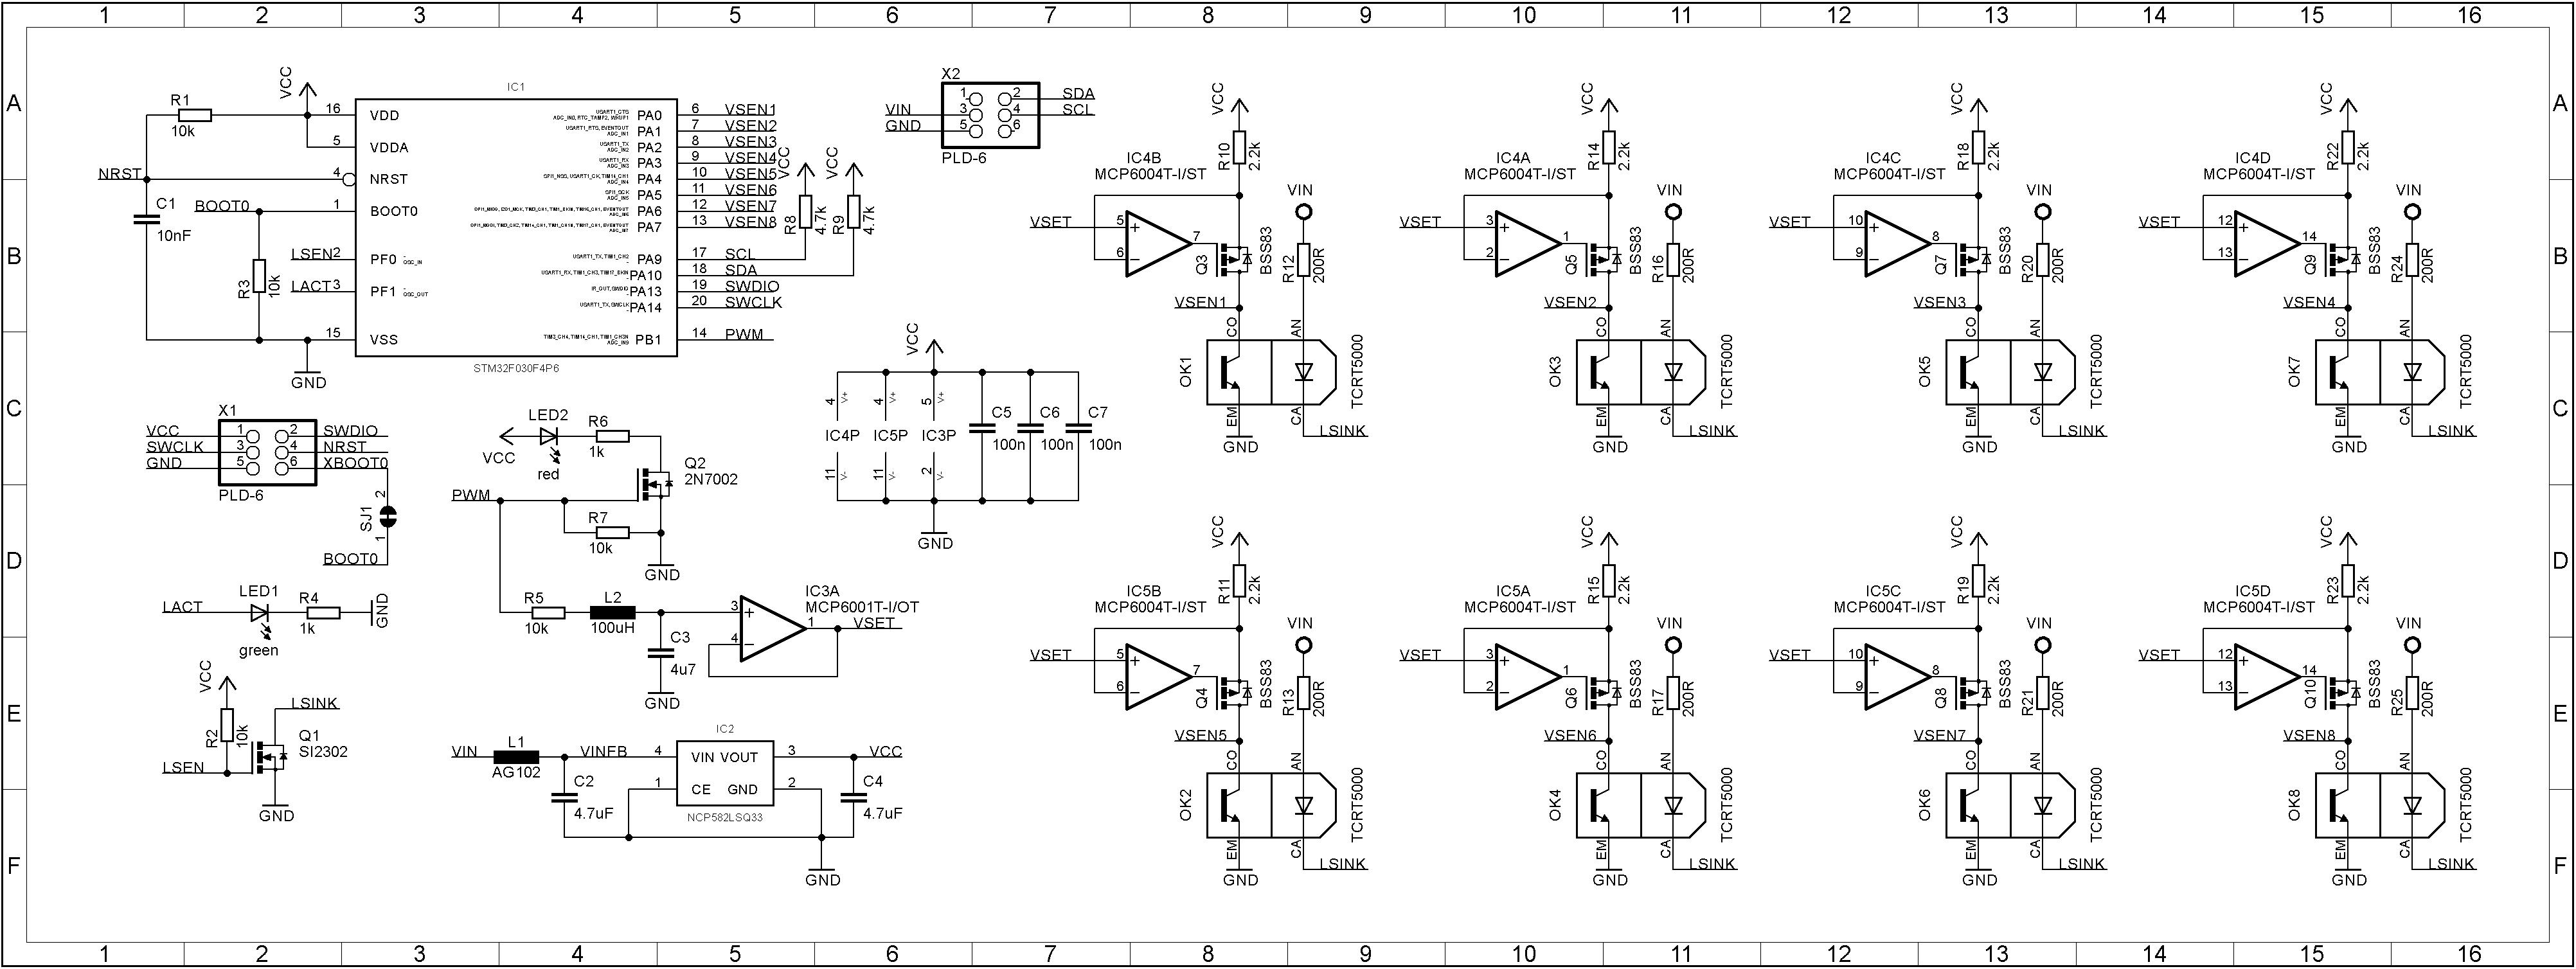 Octoliner board schematics